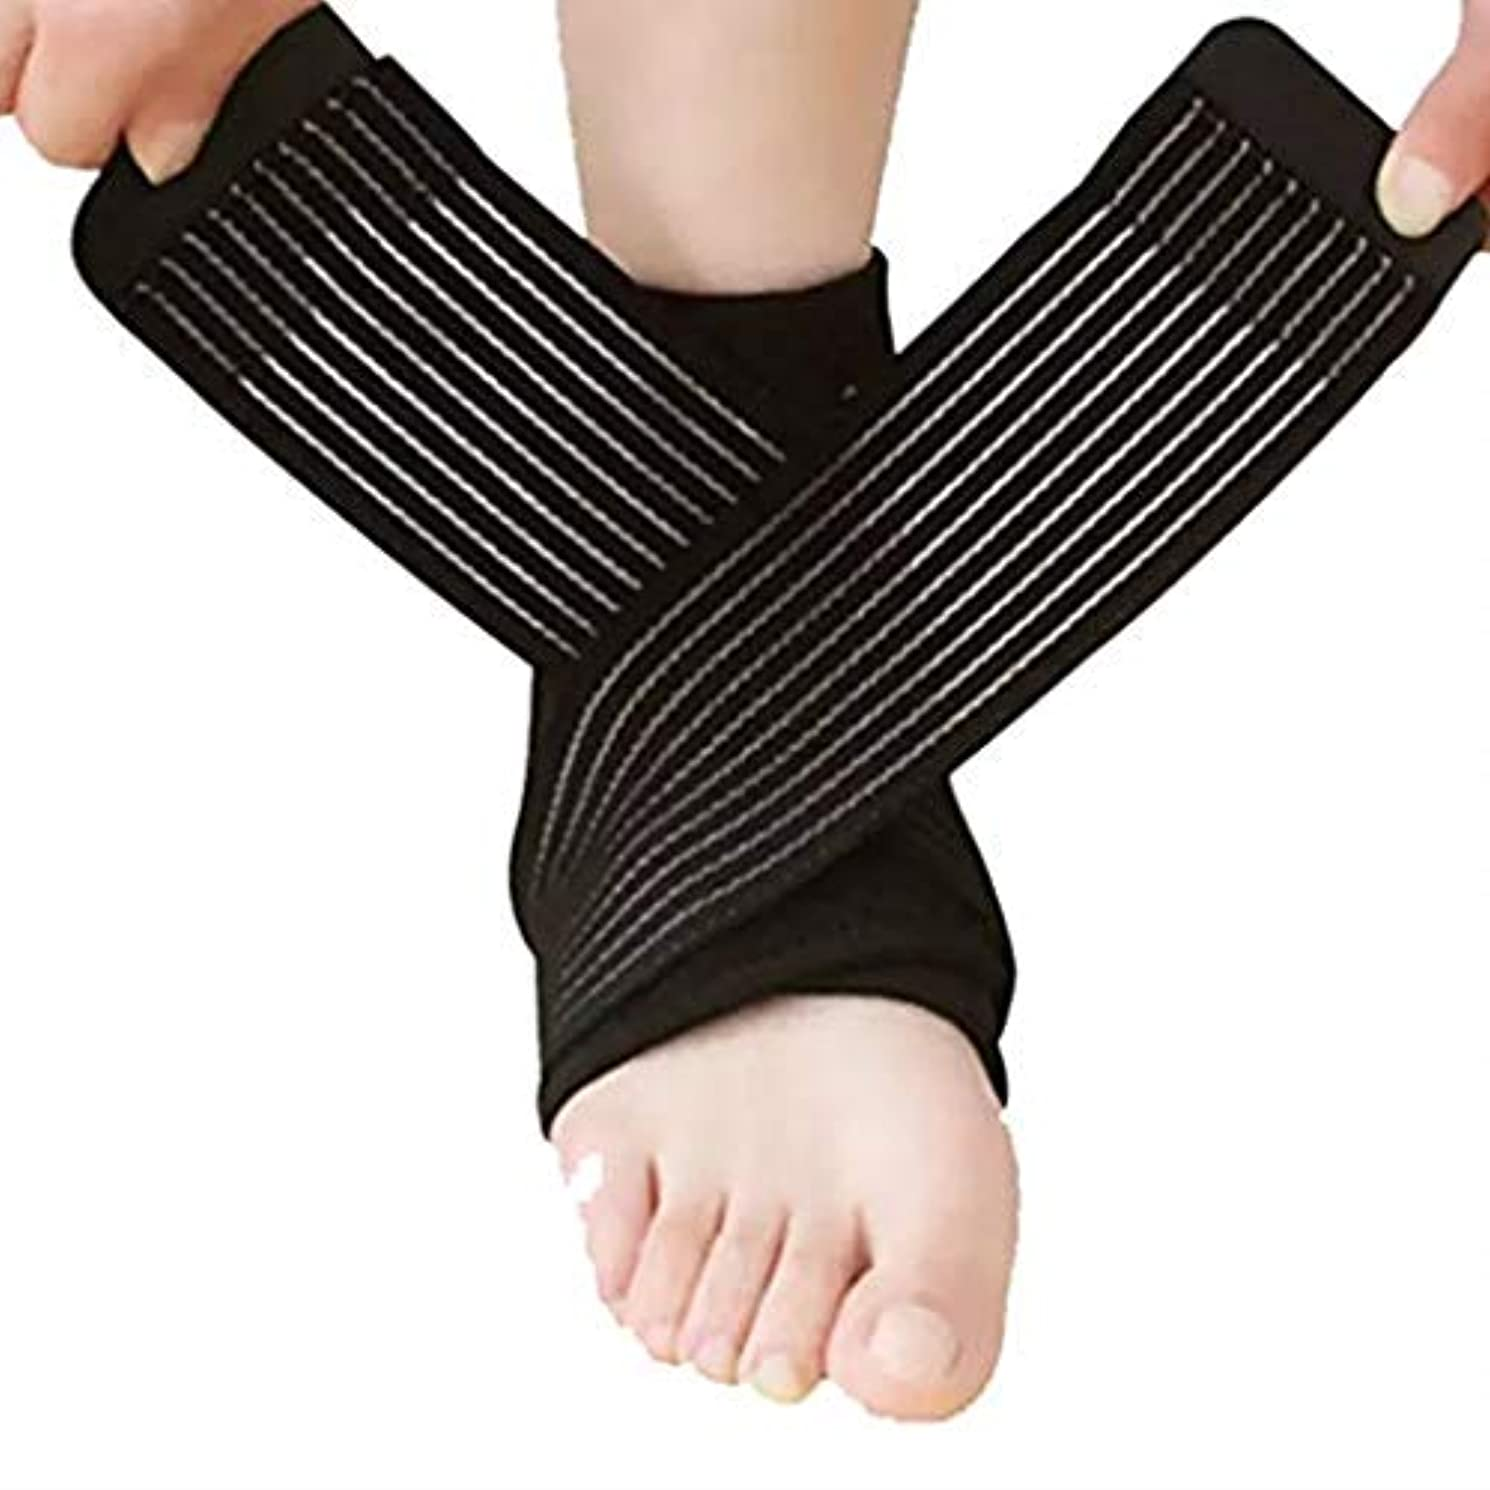 吸い込む消毒する戦略足首サポート調節可能な足首ブレース通気性のあるナイロン素材伸縮性があり快適な1サイズスポーツに最適慢性的な足首の捻Sp疲労からの保護